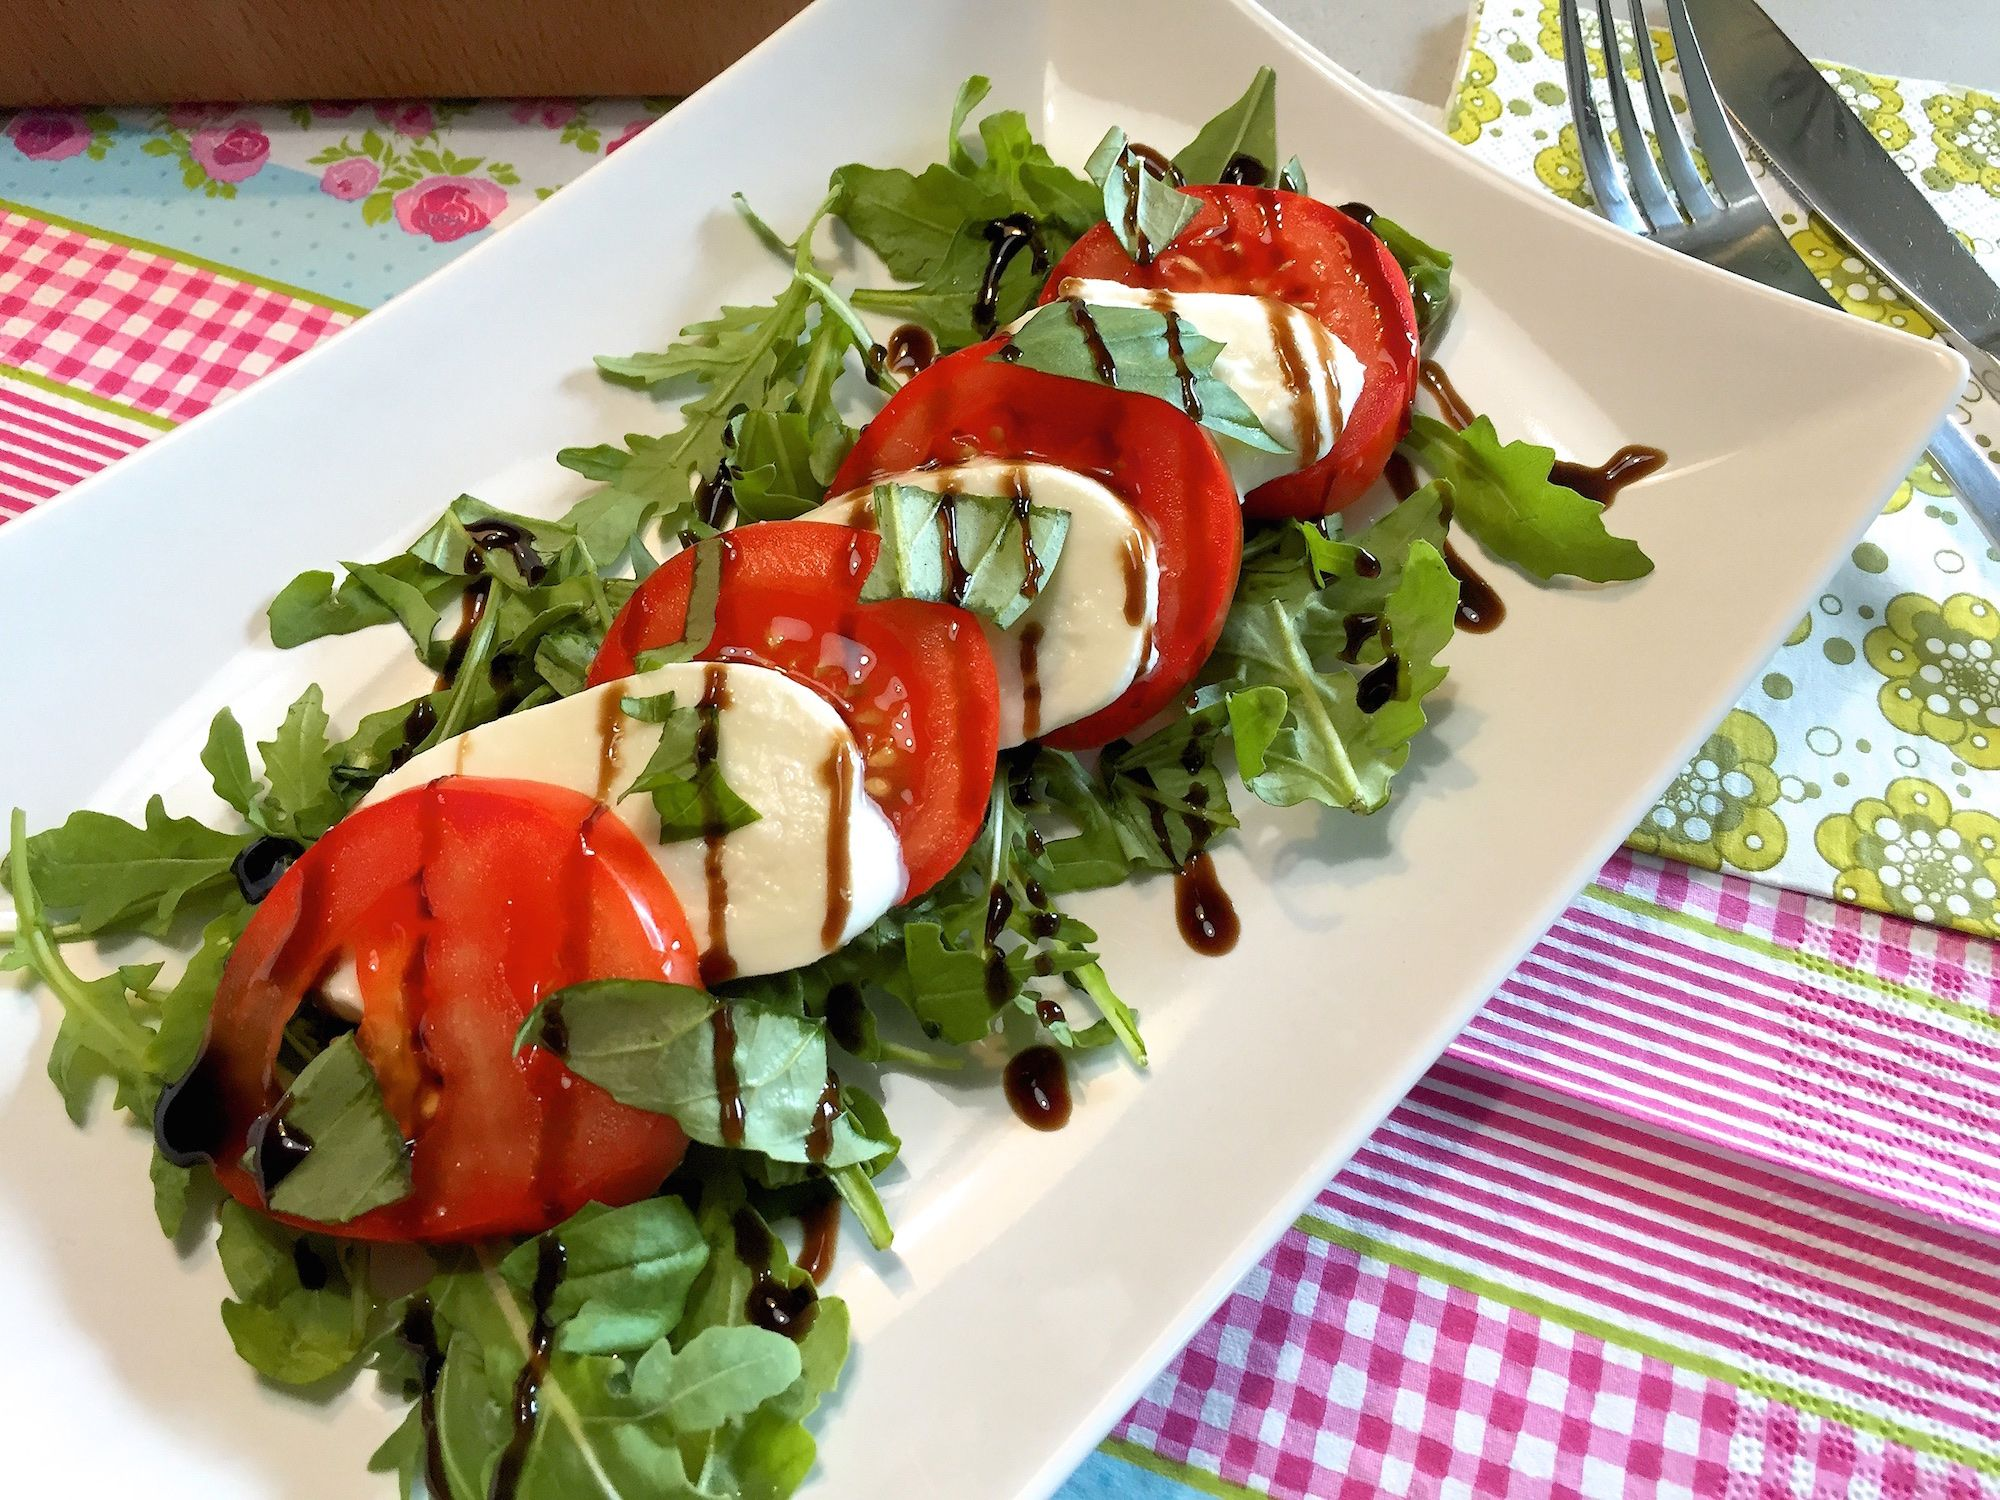 Nieuw recept caprese salade caprese salade is een klassieker uit